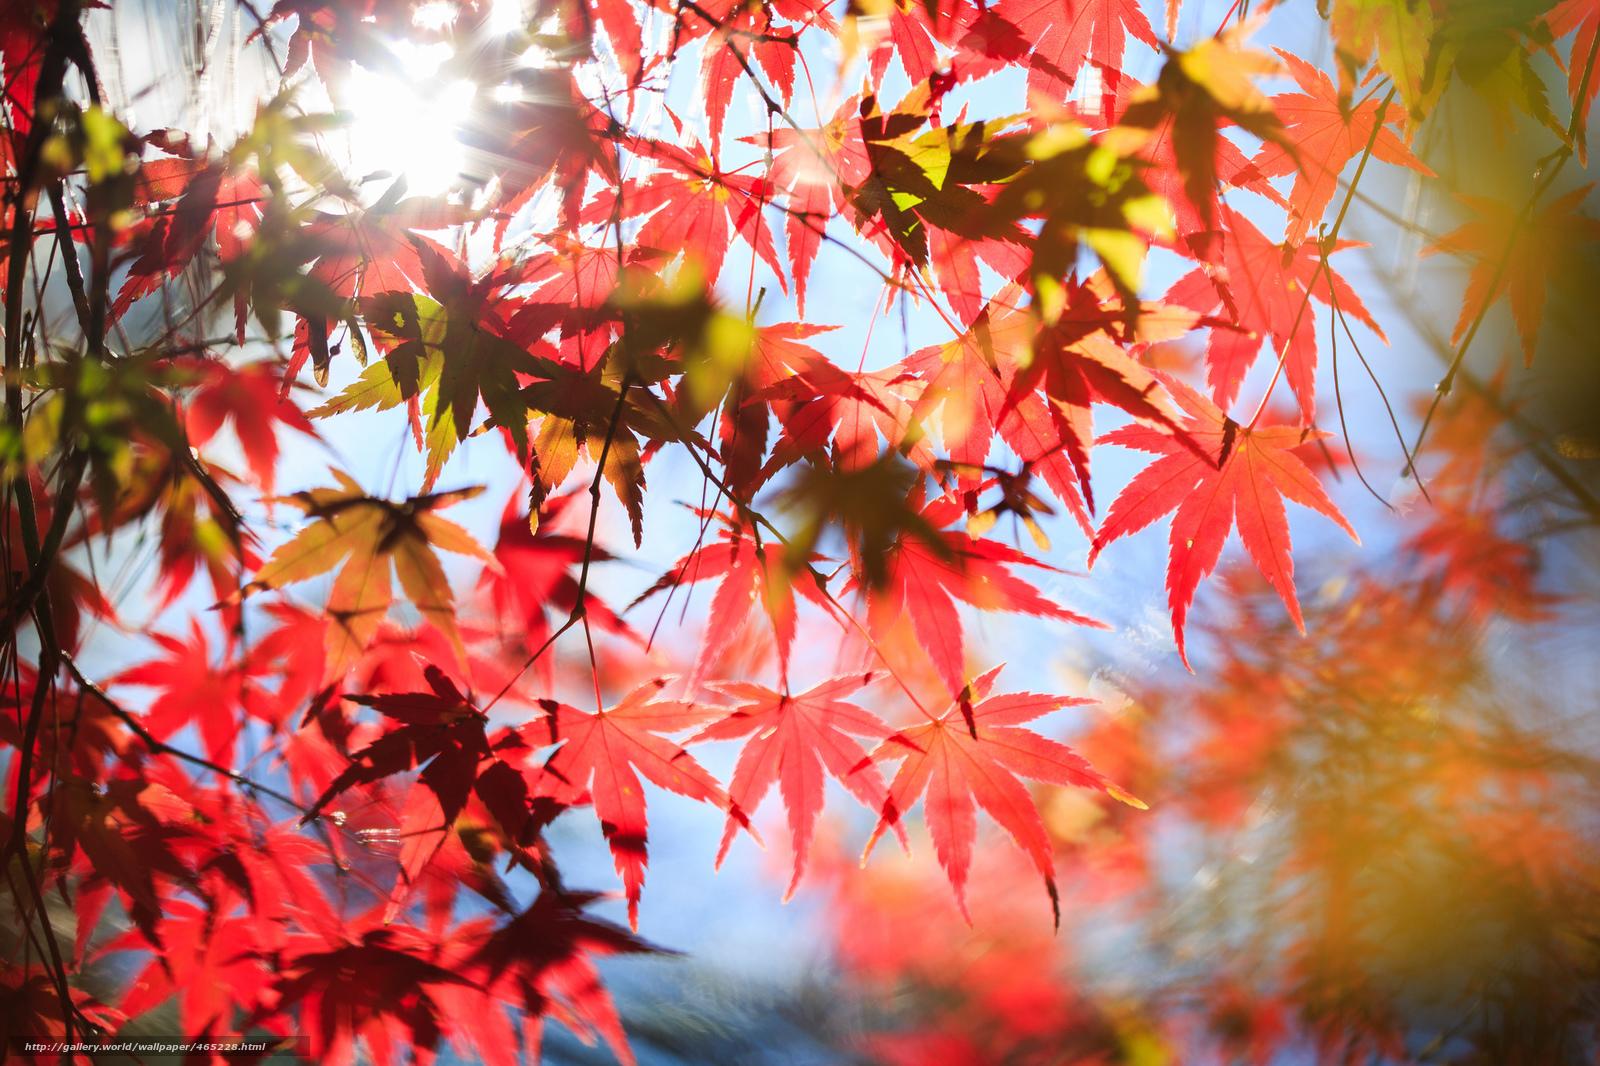 壁纸 叶子, 树, 枫, 红色, 秋天 桌面 - 图片号码465